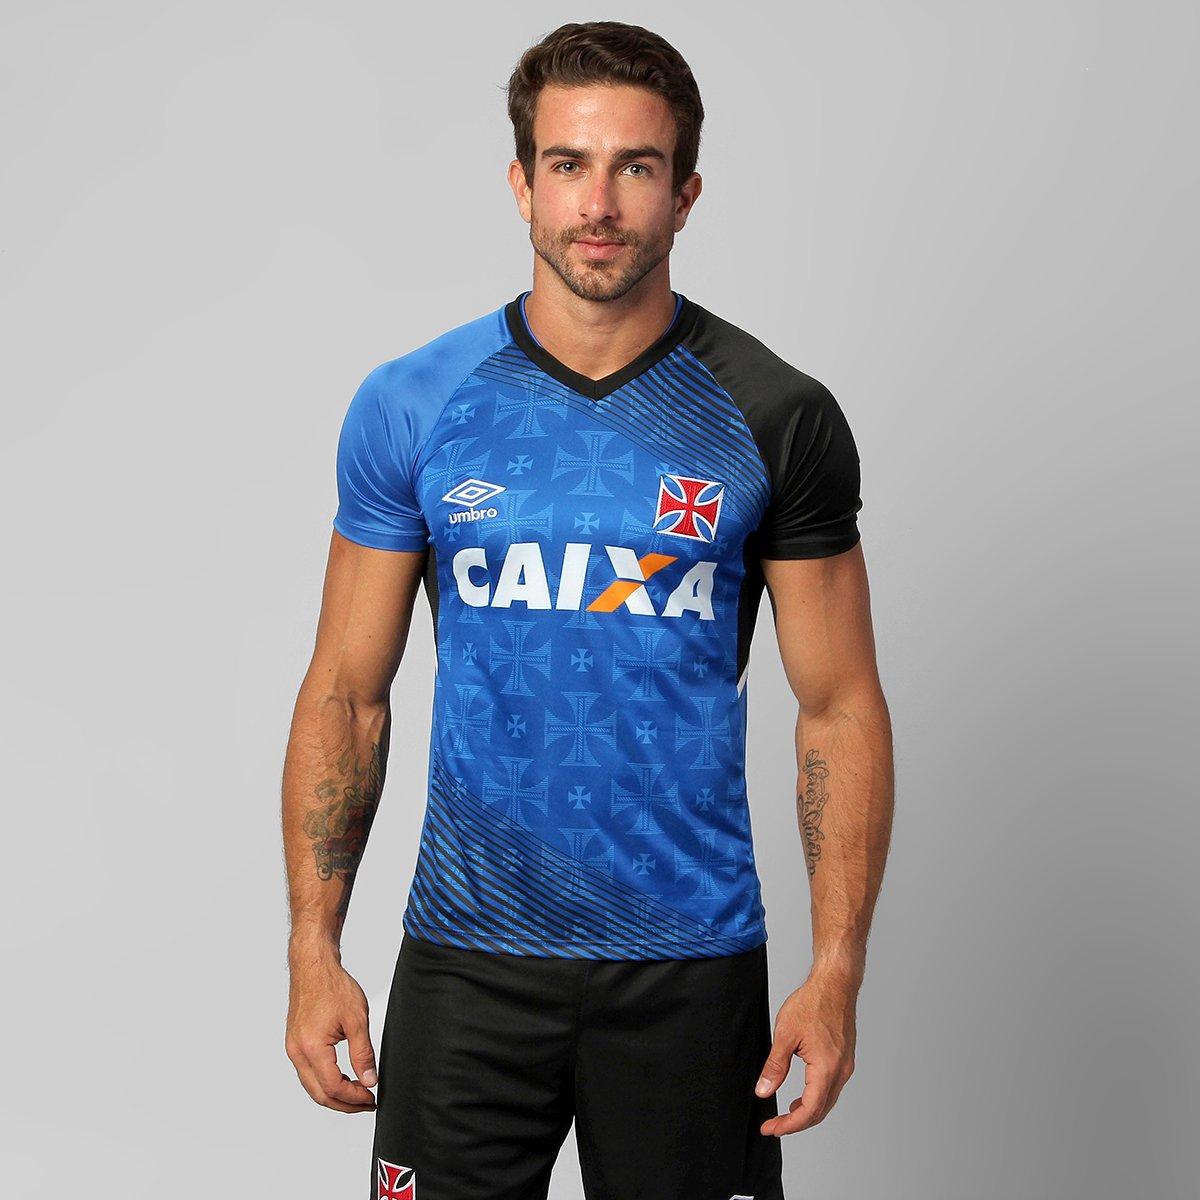 48f9f671462ee Camisa Umbro Vasco Treino 2014 - Compre Agora